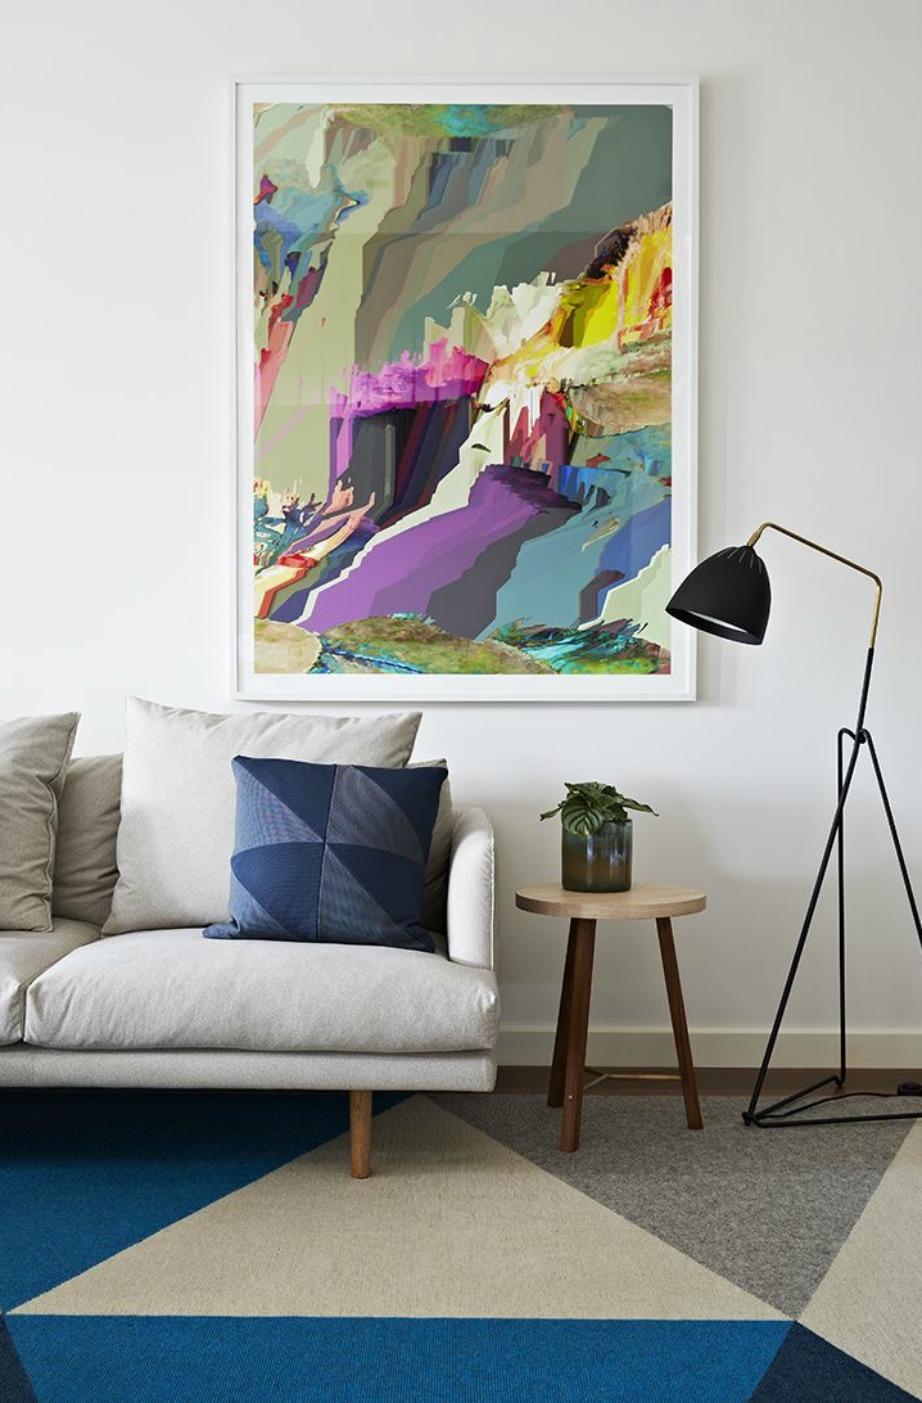 Ένας μεγάλος πίνακας θα δώσει πολυτελή νότα στον χώρο σας.